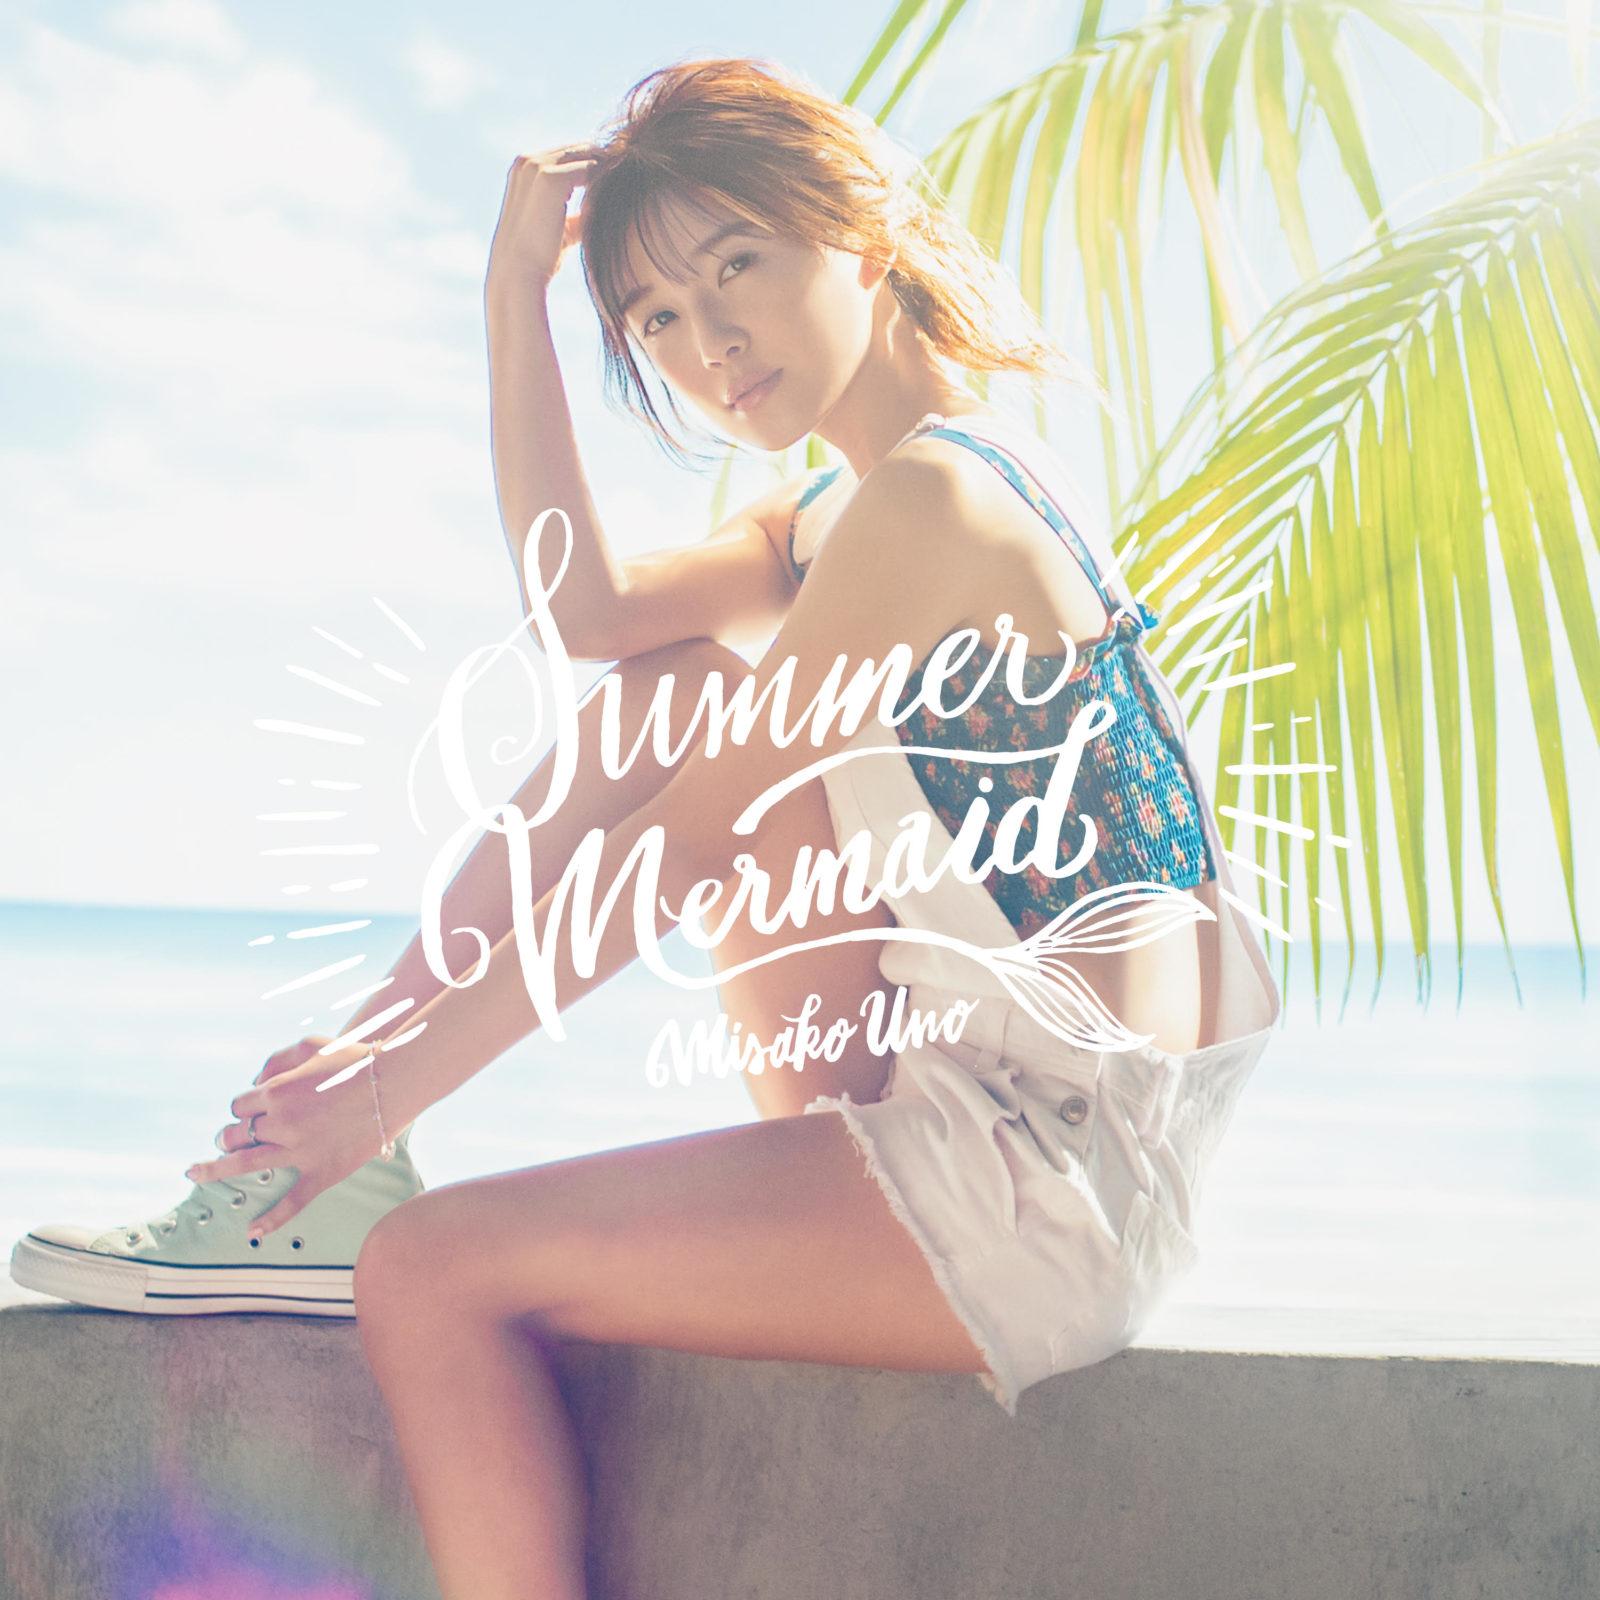 AAA宇野実彩子 2ndシングル「Summer Mermaid」 新ビジュアル公開&先行配信決定サムネイル画像